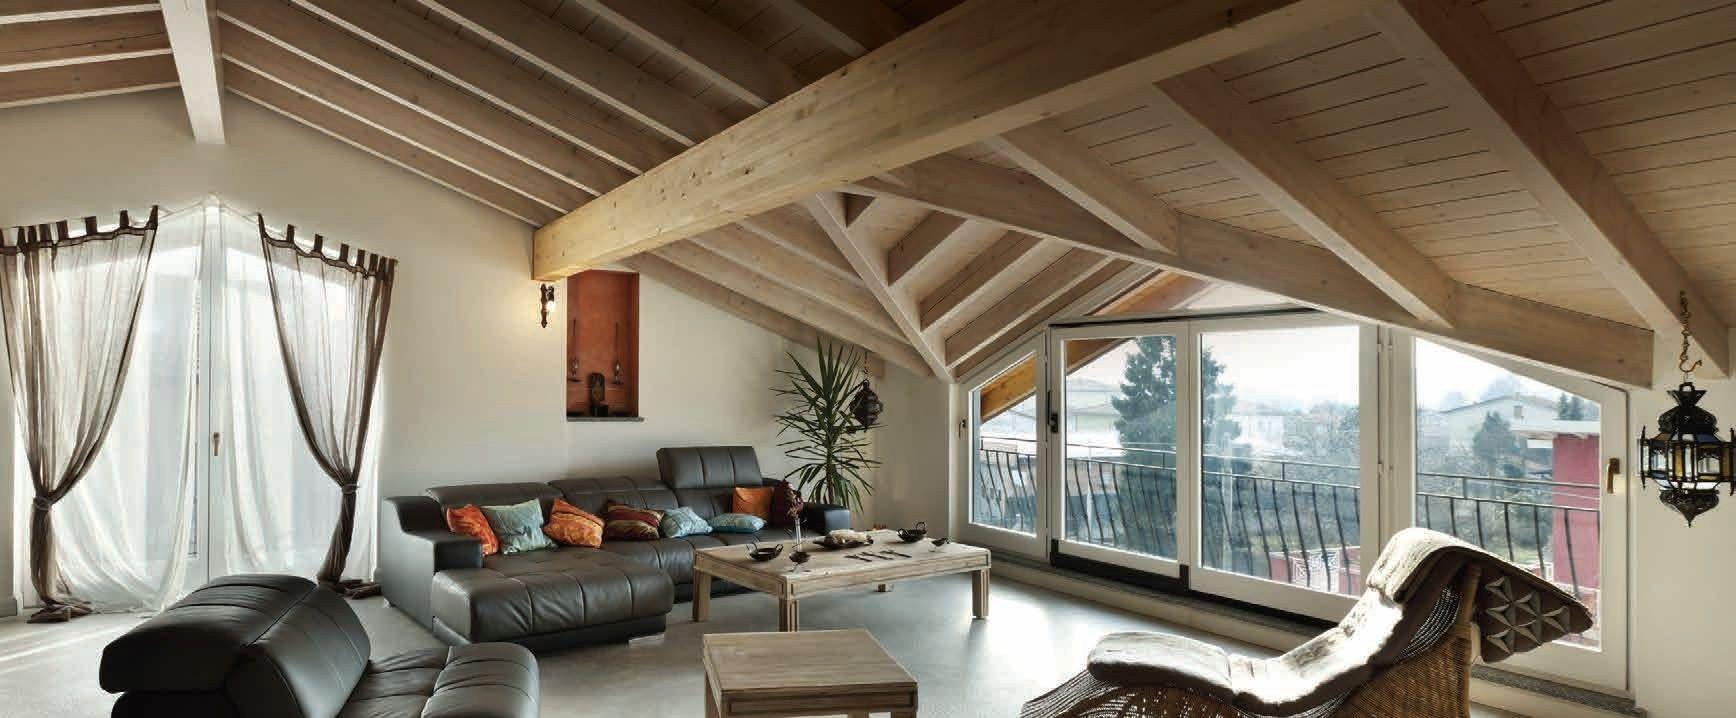 Sistema per tetto ventilato bigmat vass by bigmat pro ma for Montaggio tetto in legno ventilato